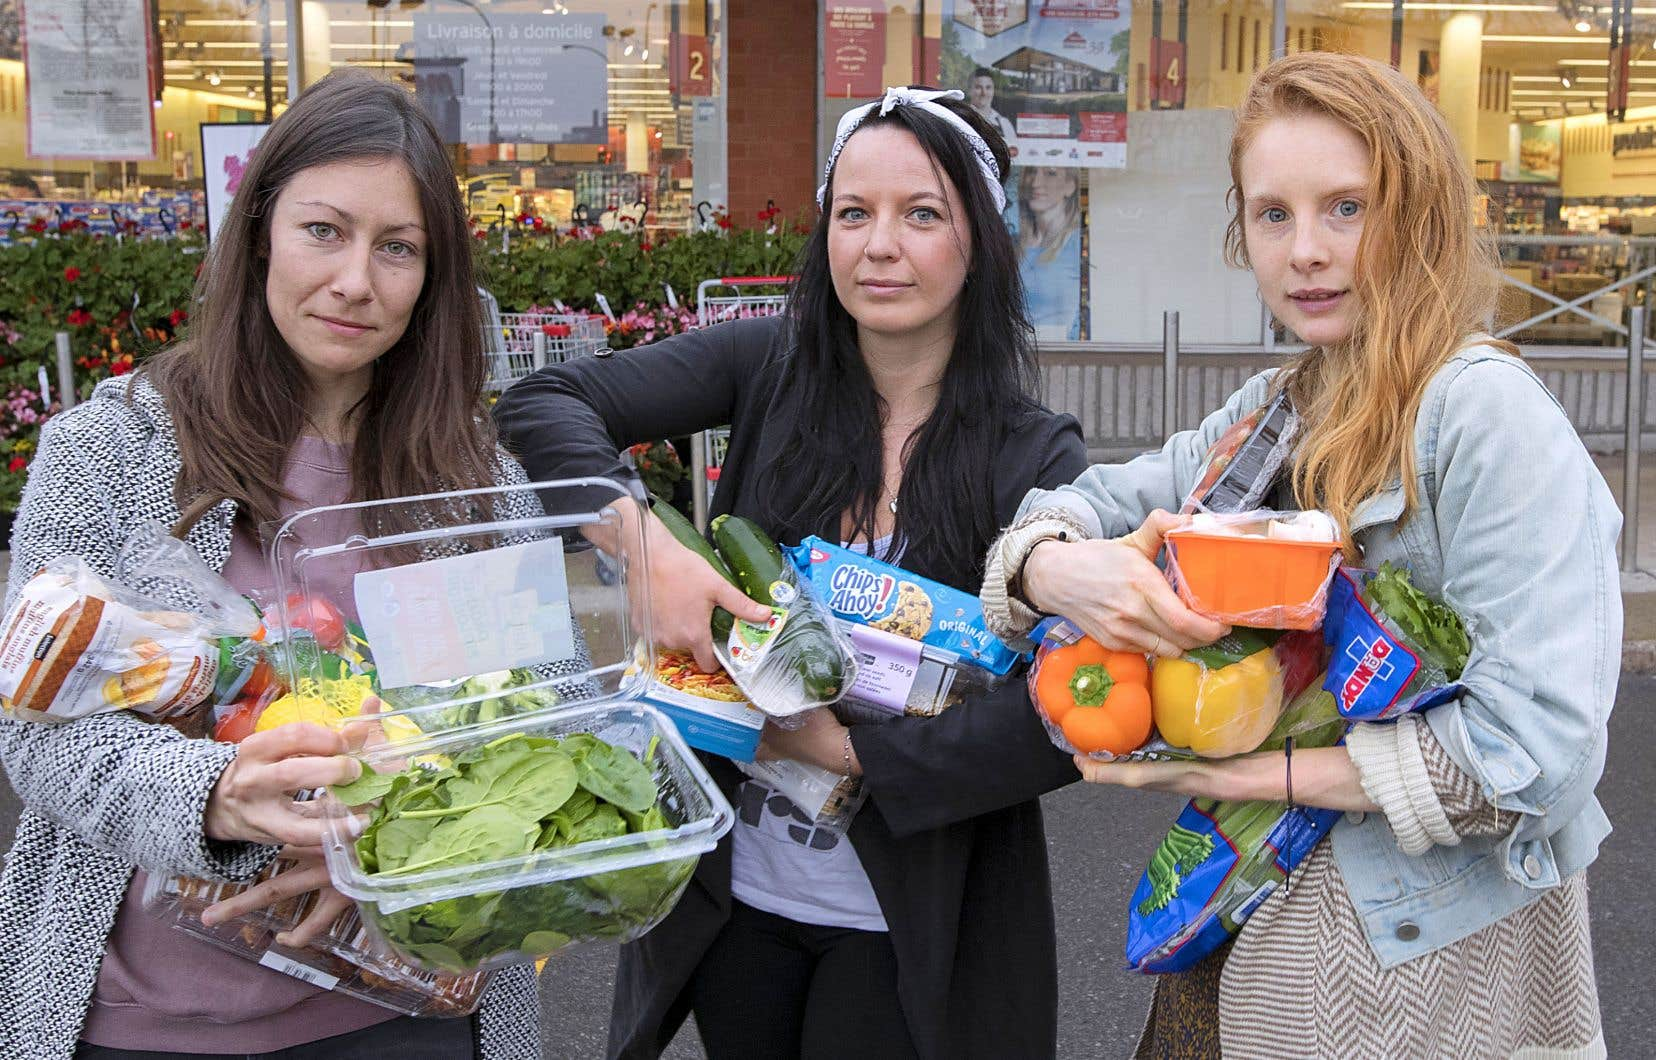 Caroline Thibault, Marie-Ève Bolduc-Lemoyne et Eva Franc ont préparé «une attaque au plastique» devant un supermarché de Rosemont pour rejoindre le mouvement mondial de lutte contre le suremballage des aliments.